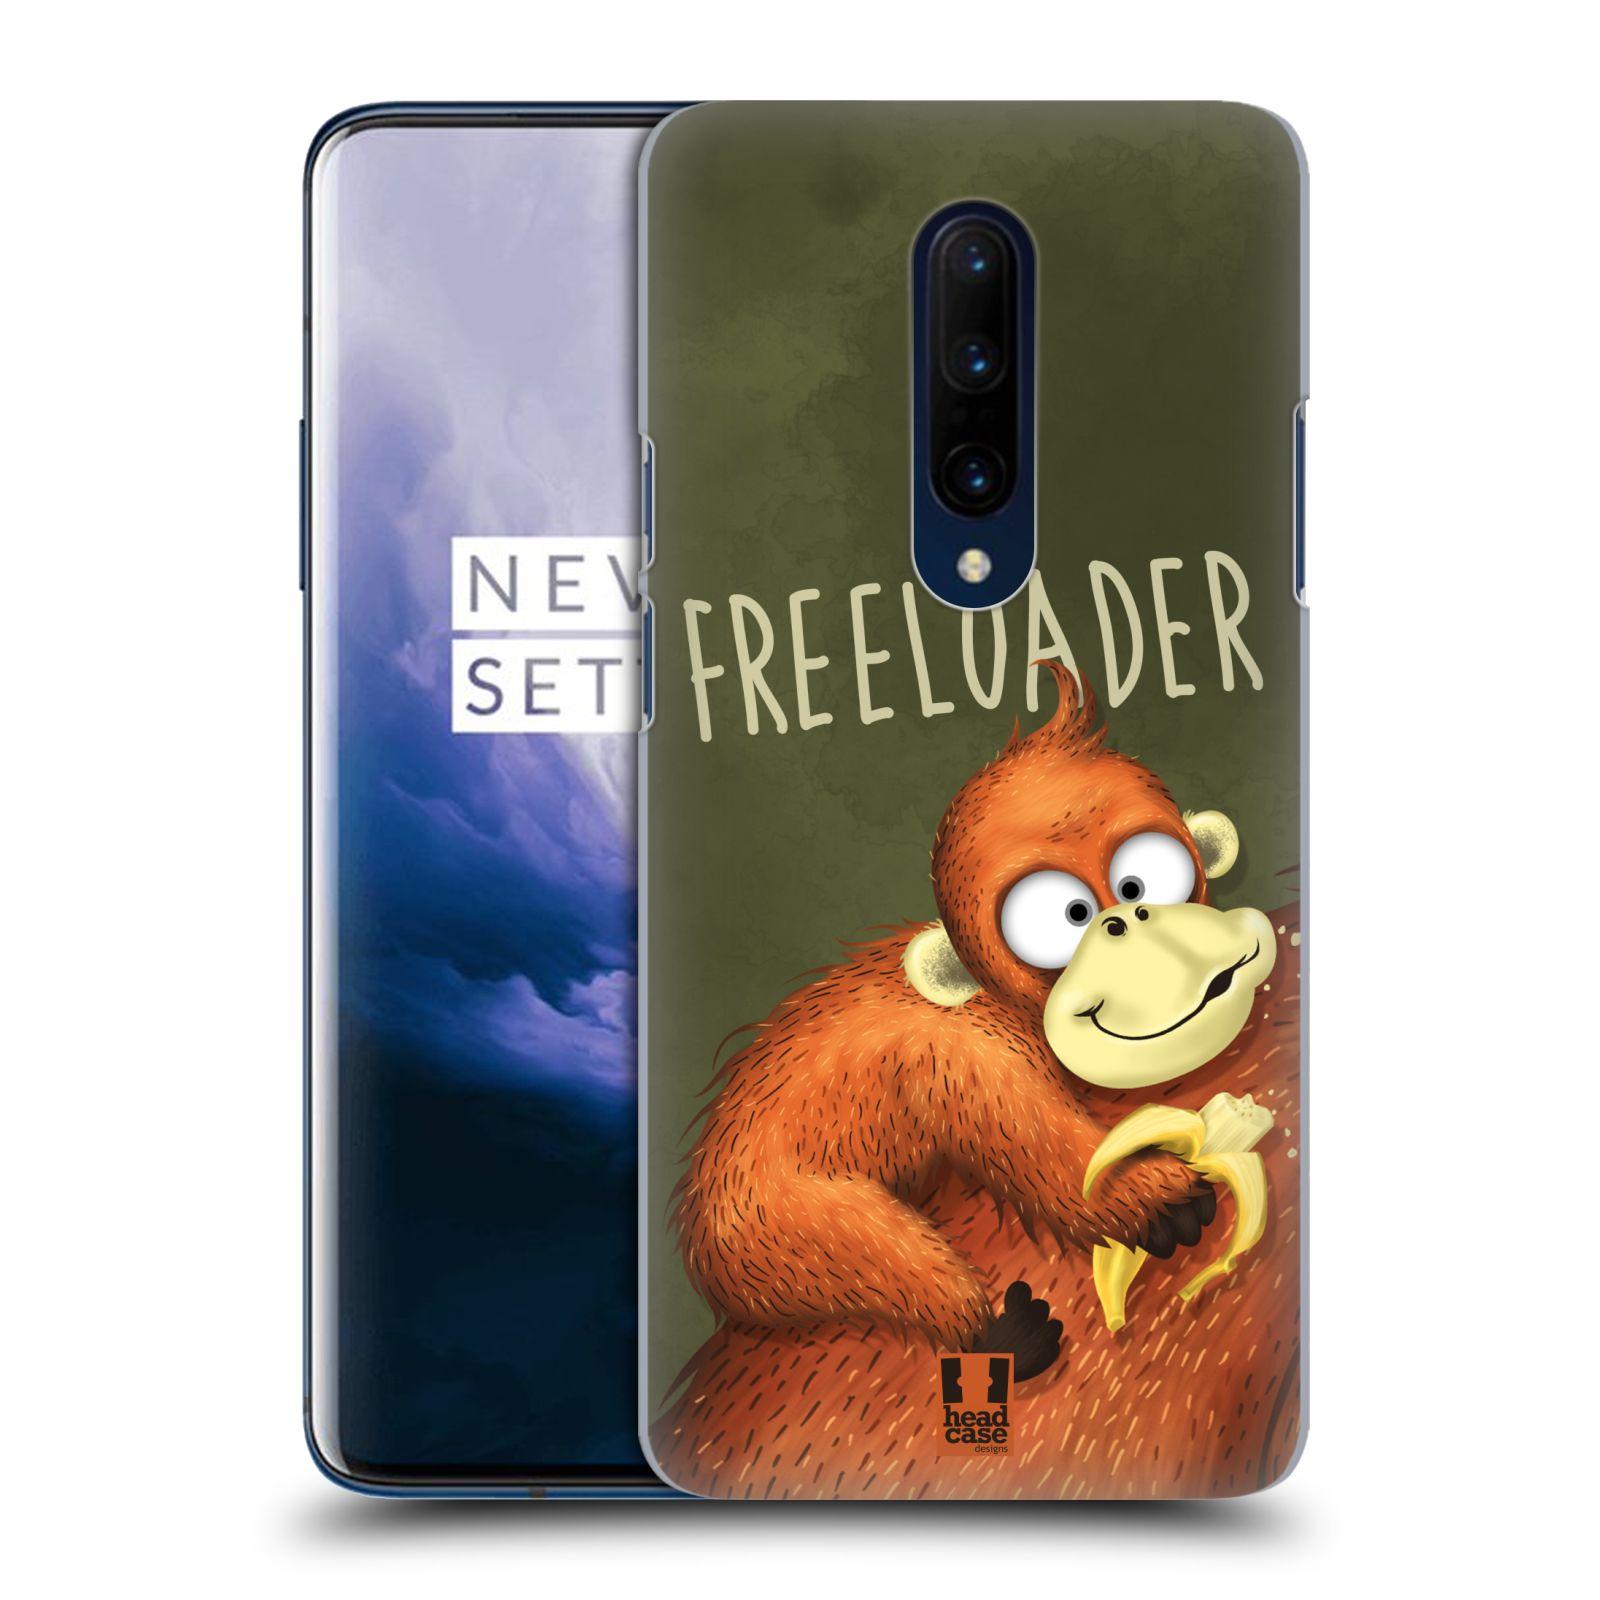 Plastové pouzdro na mobil OnePlus 7 Pro - Head Case - Opičák Freeloader